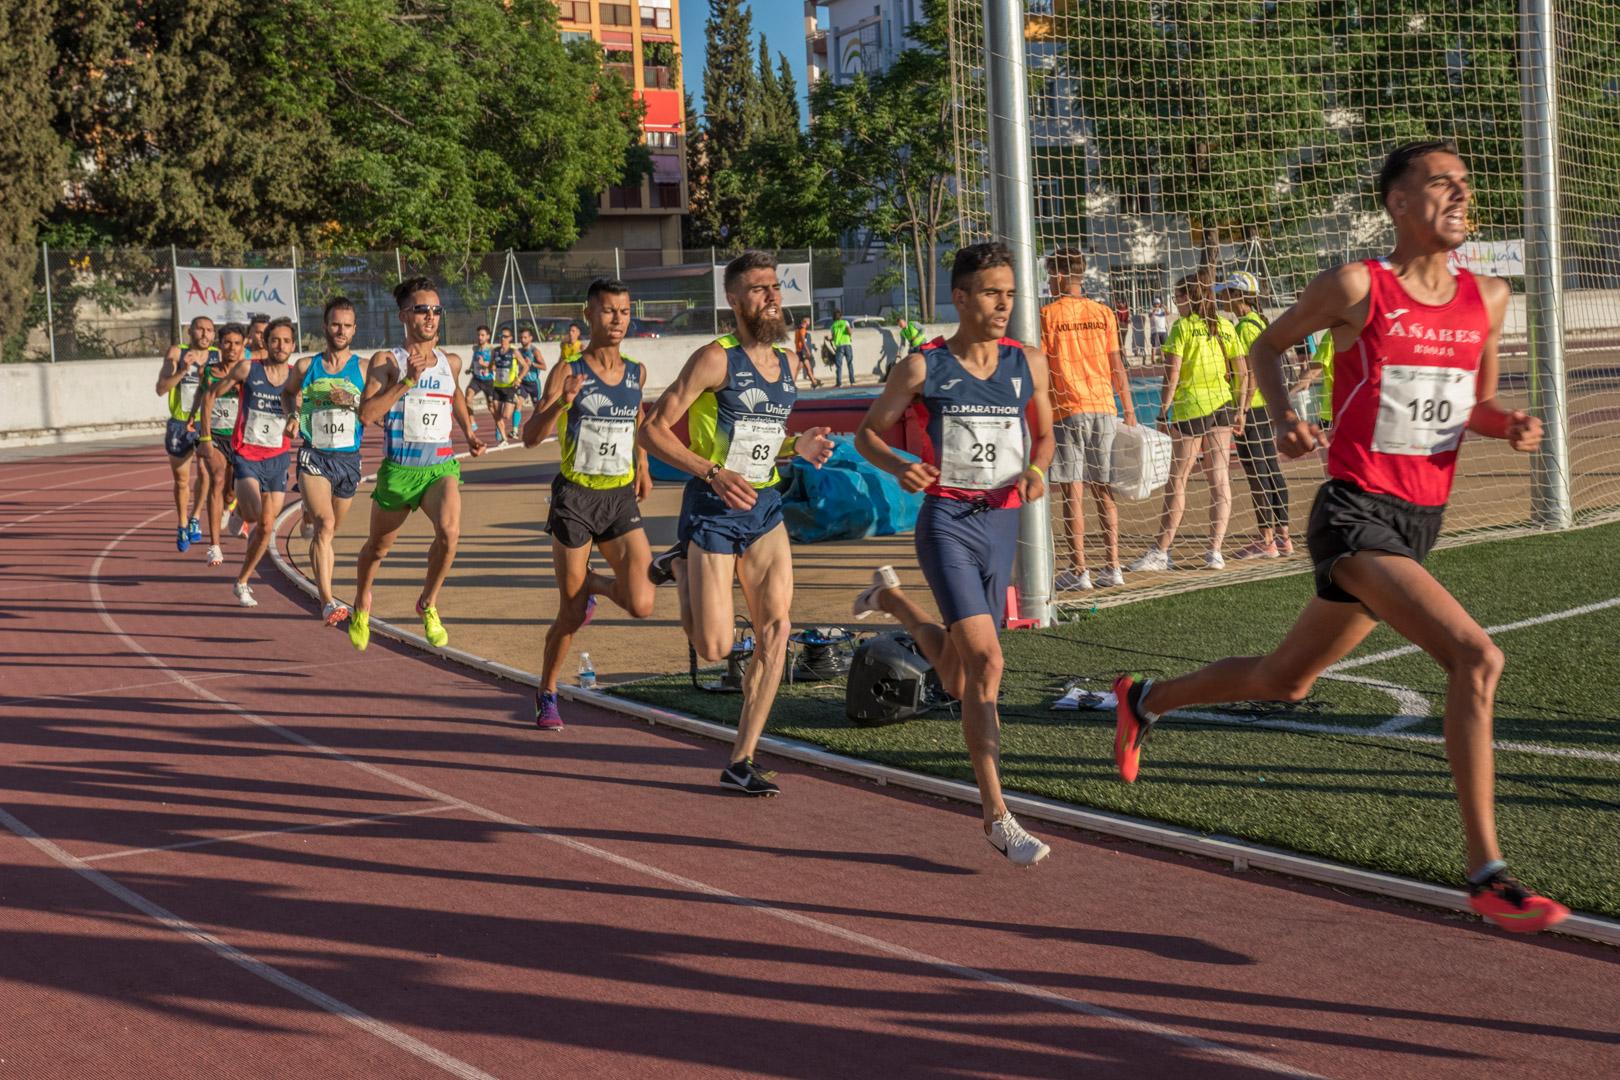 El Meeting de Atletismo Paco Sánchez Vargas de Granada no se celebrará el 14 de junio